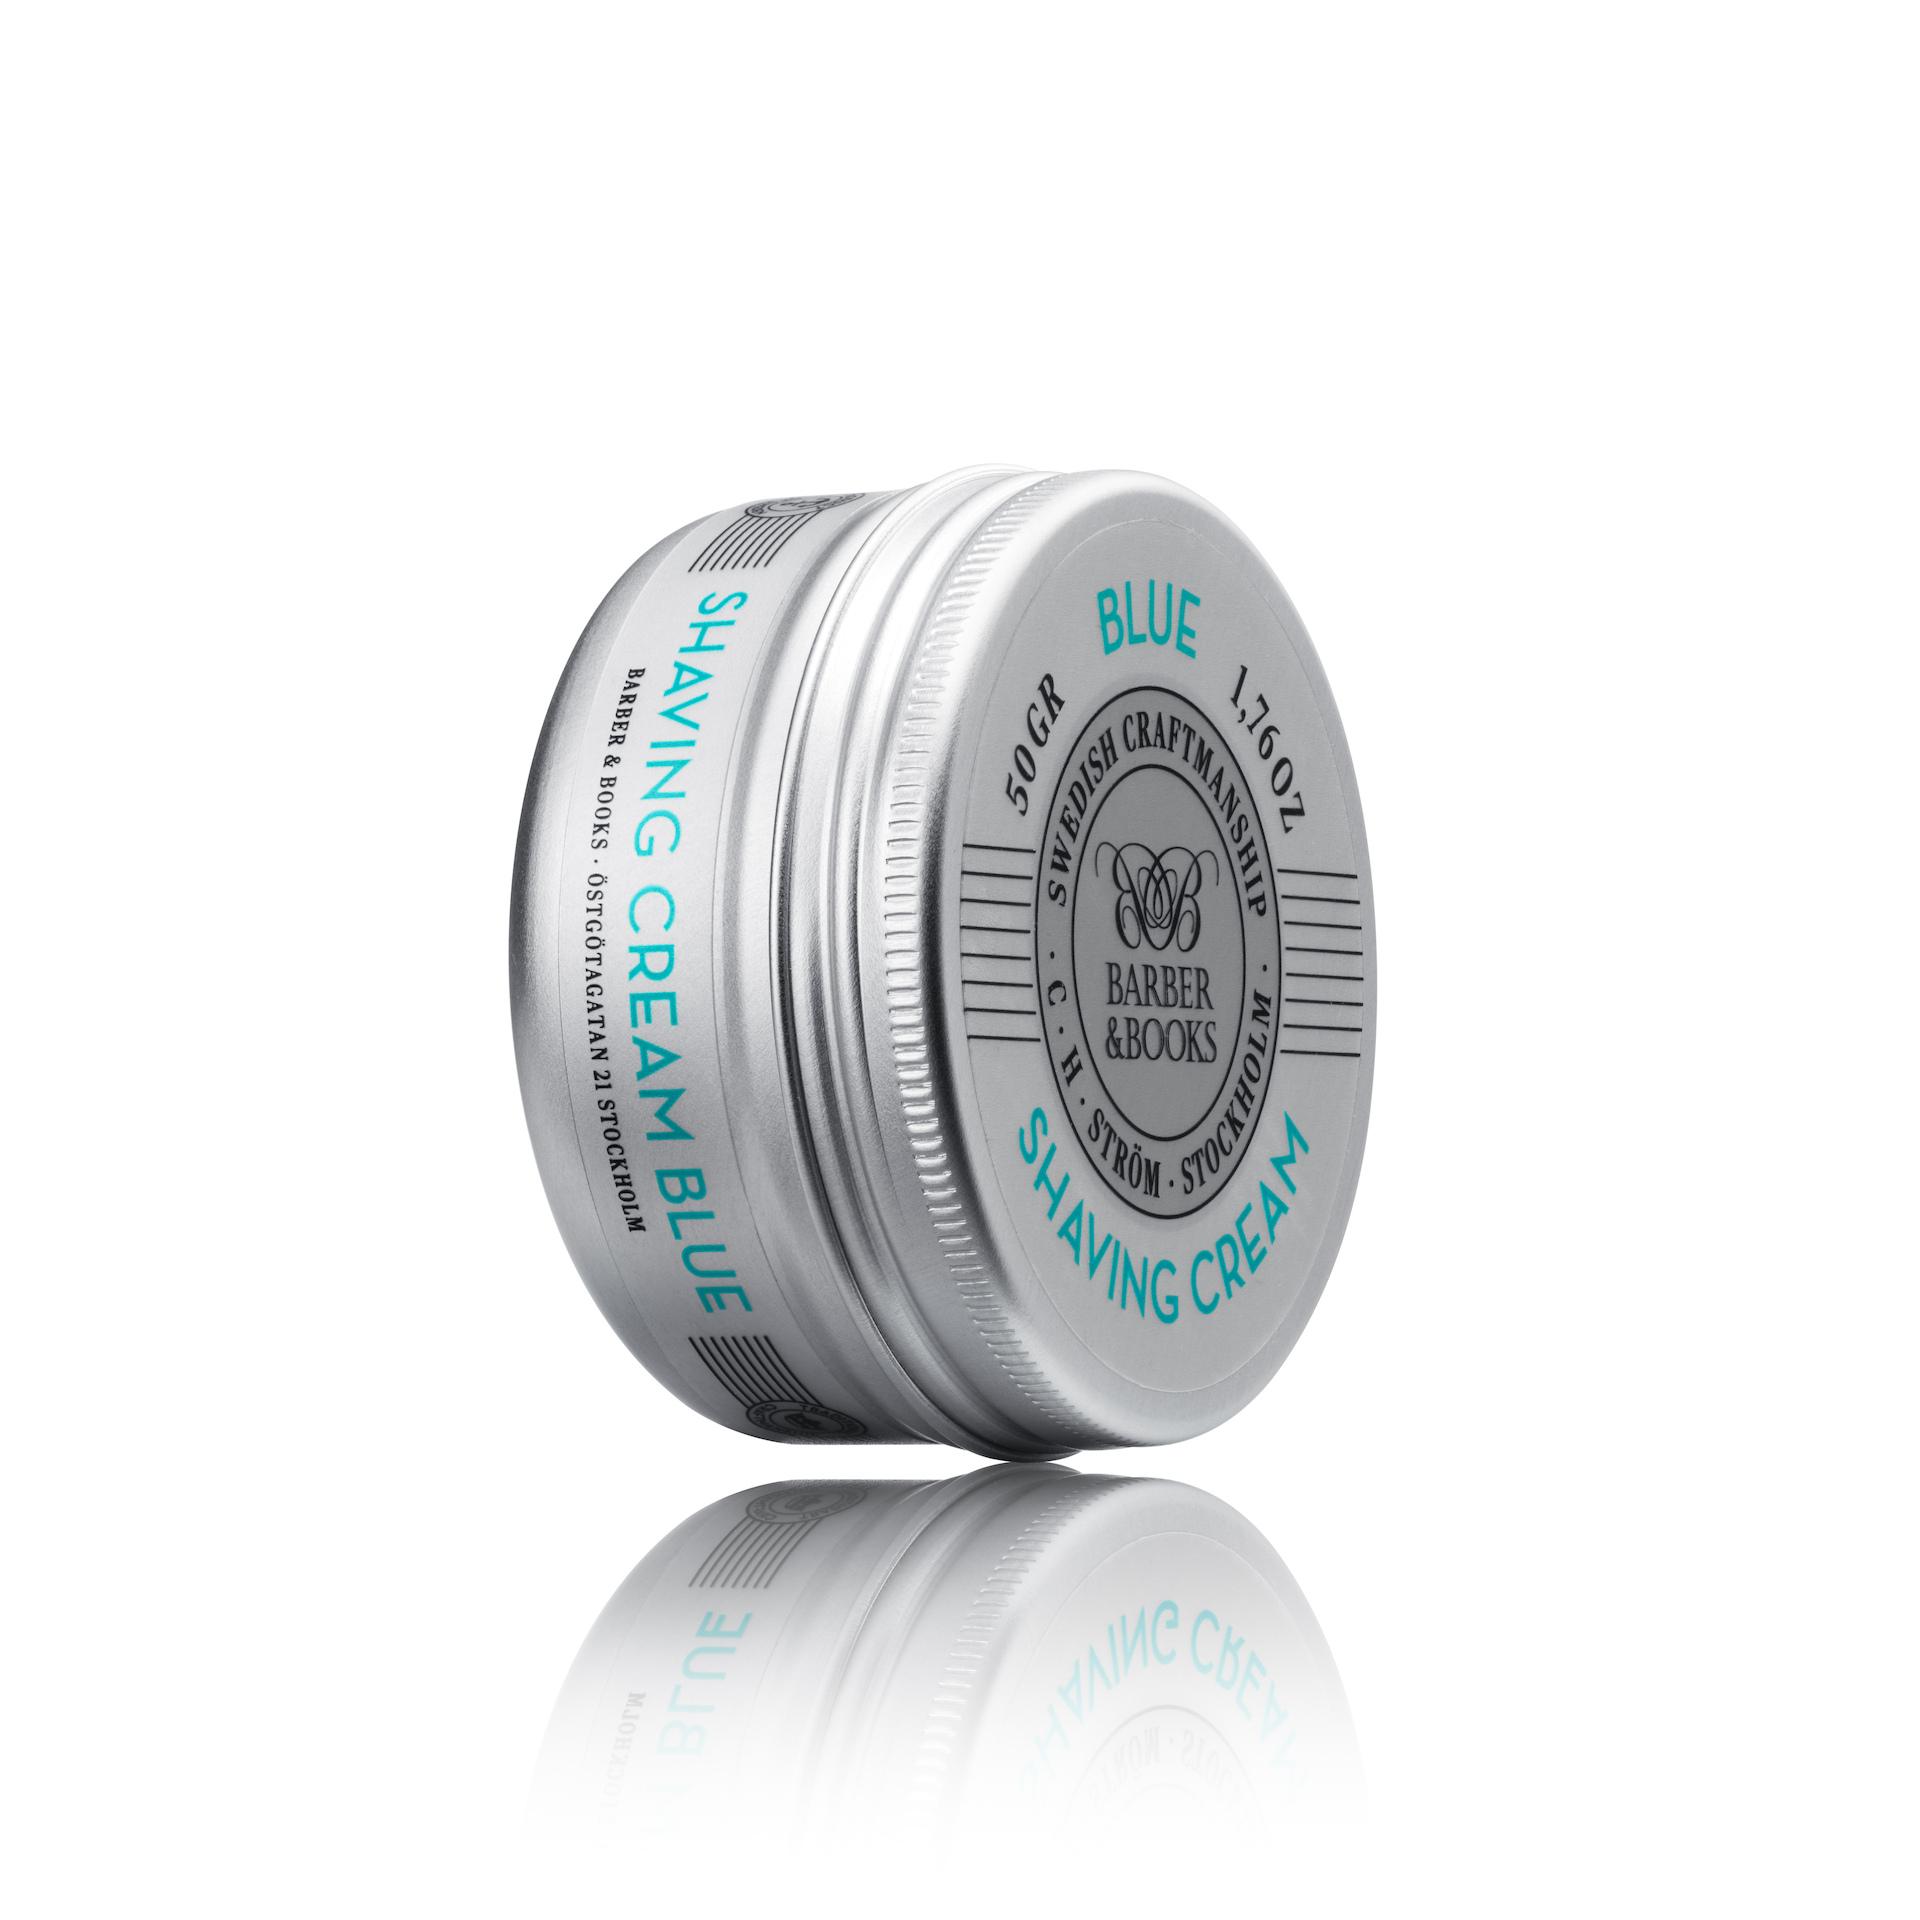 Bilde av Blue Shaving Cream 50 G